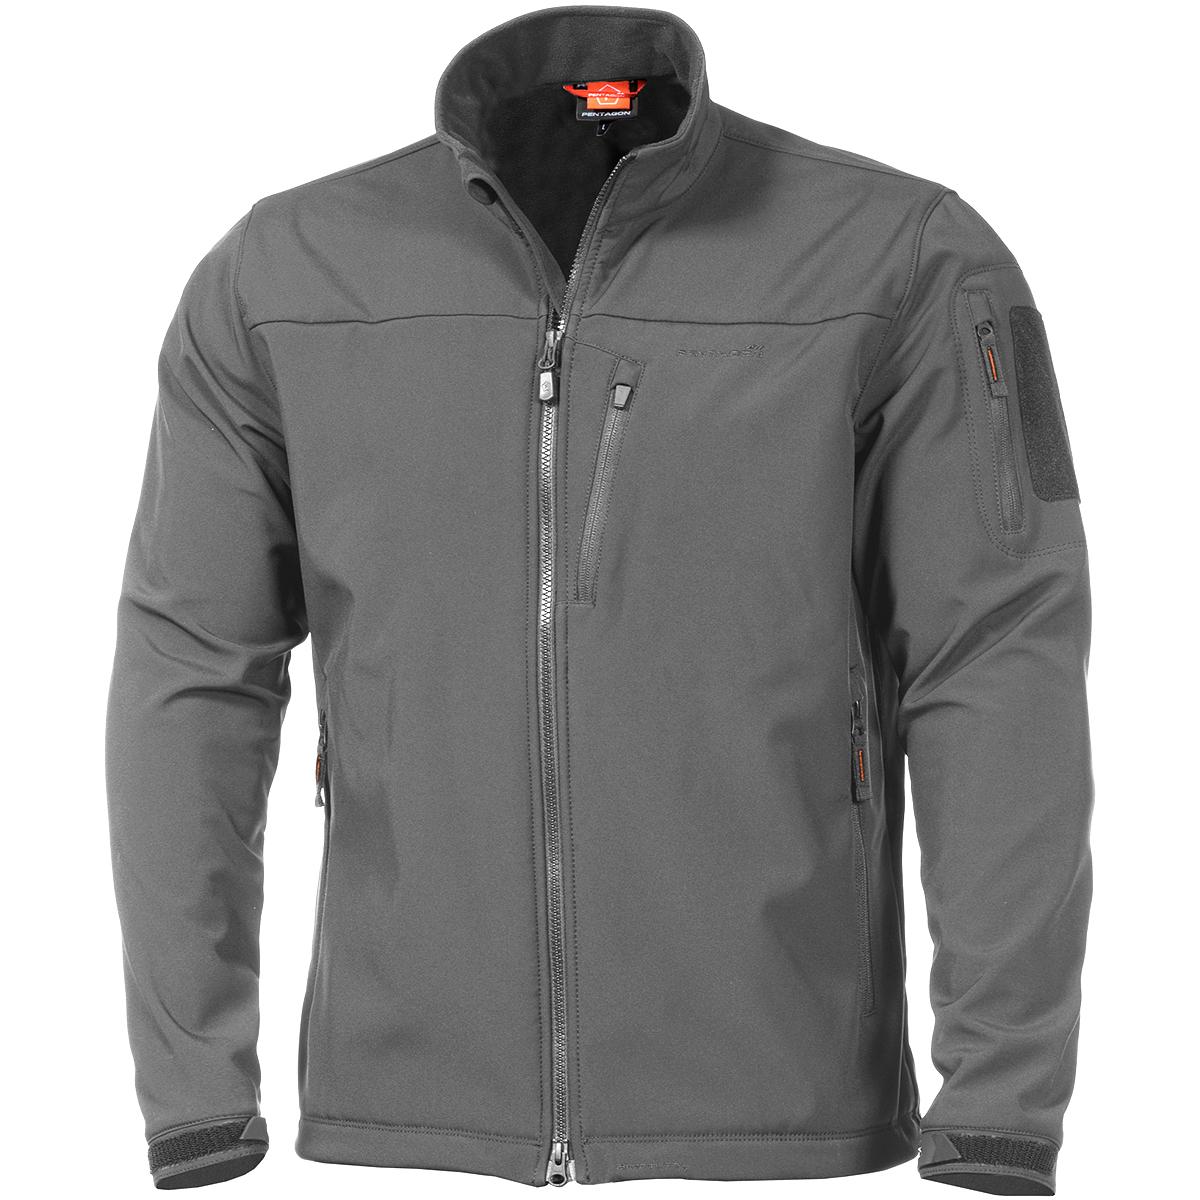 c19a540746a57d Details about Pentagon Reiner 2.0 Soft Shell Tactical Mens Warm Urban  Fleece Jacket Wolf Grey